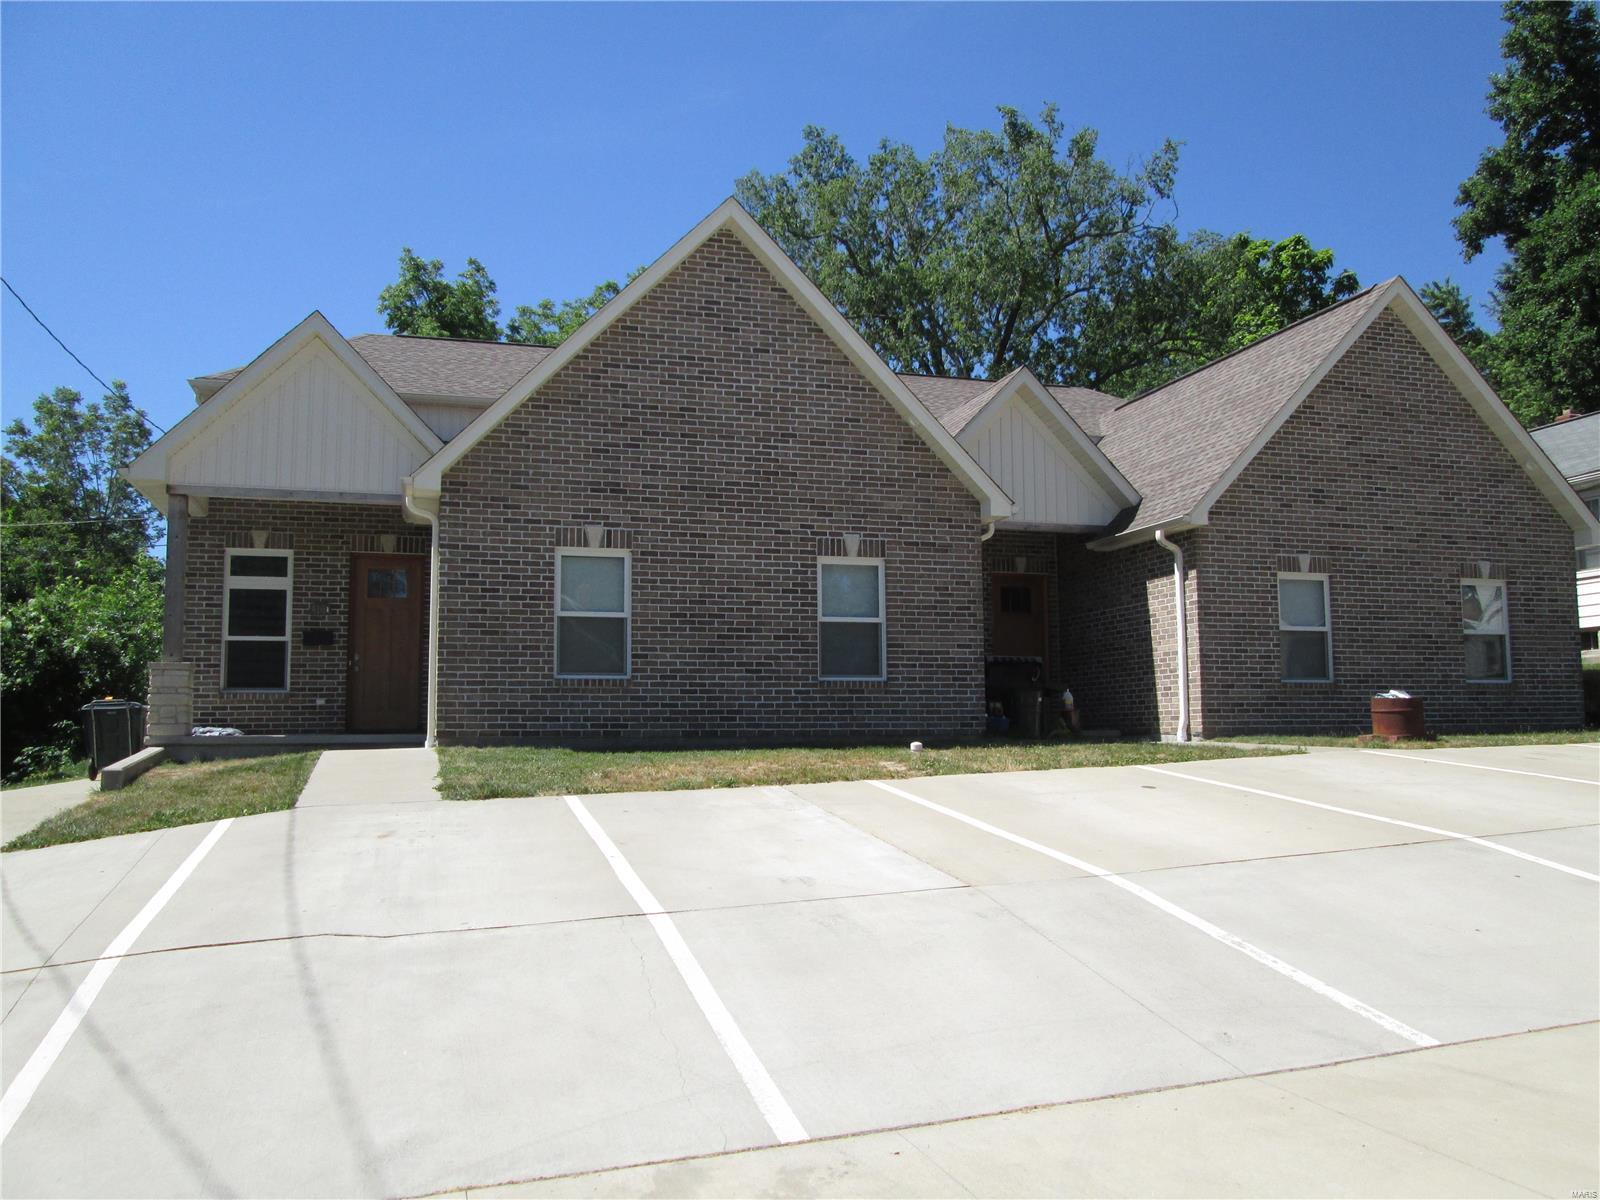 410 E 11th Property Photo 1